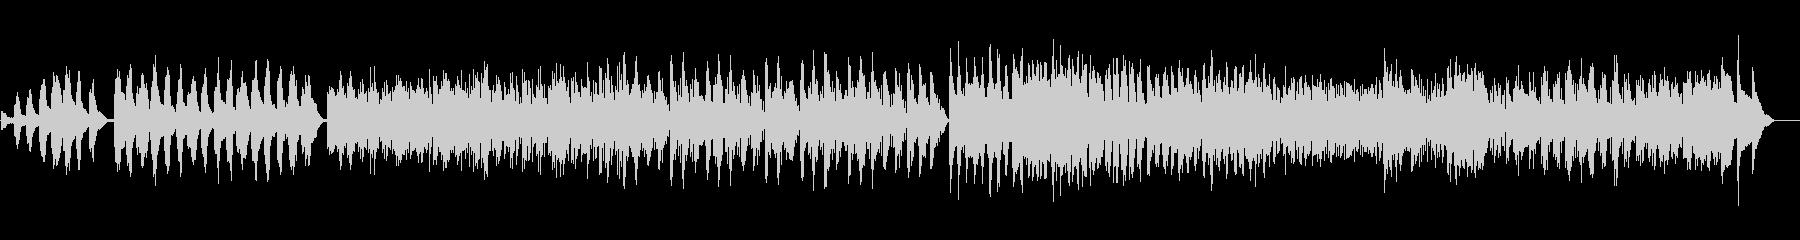 ハープのバロック風の力強い曲の未再生の波形